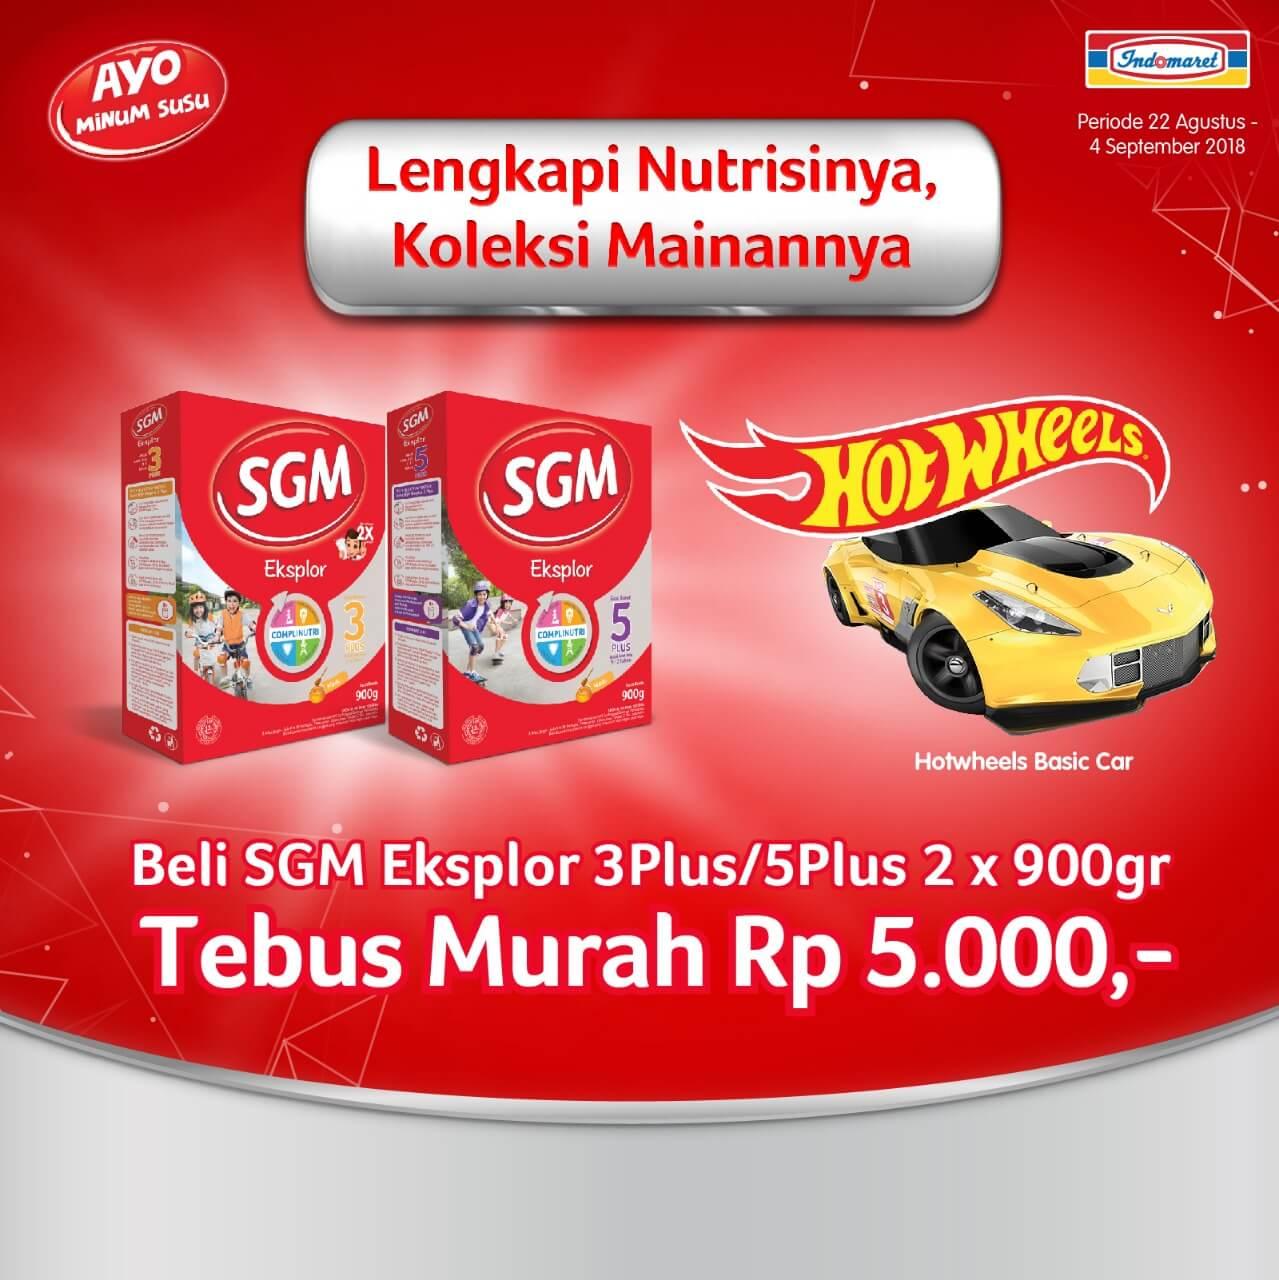 Promo Lengkapi Nutrisinya Koleksi Mainannya Di Indomaret Voucher Alfa Dan